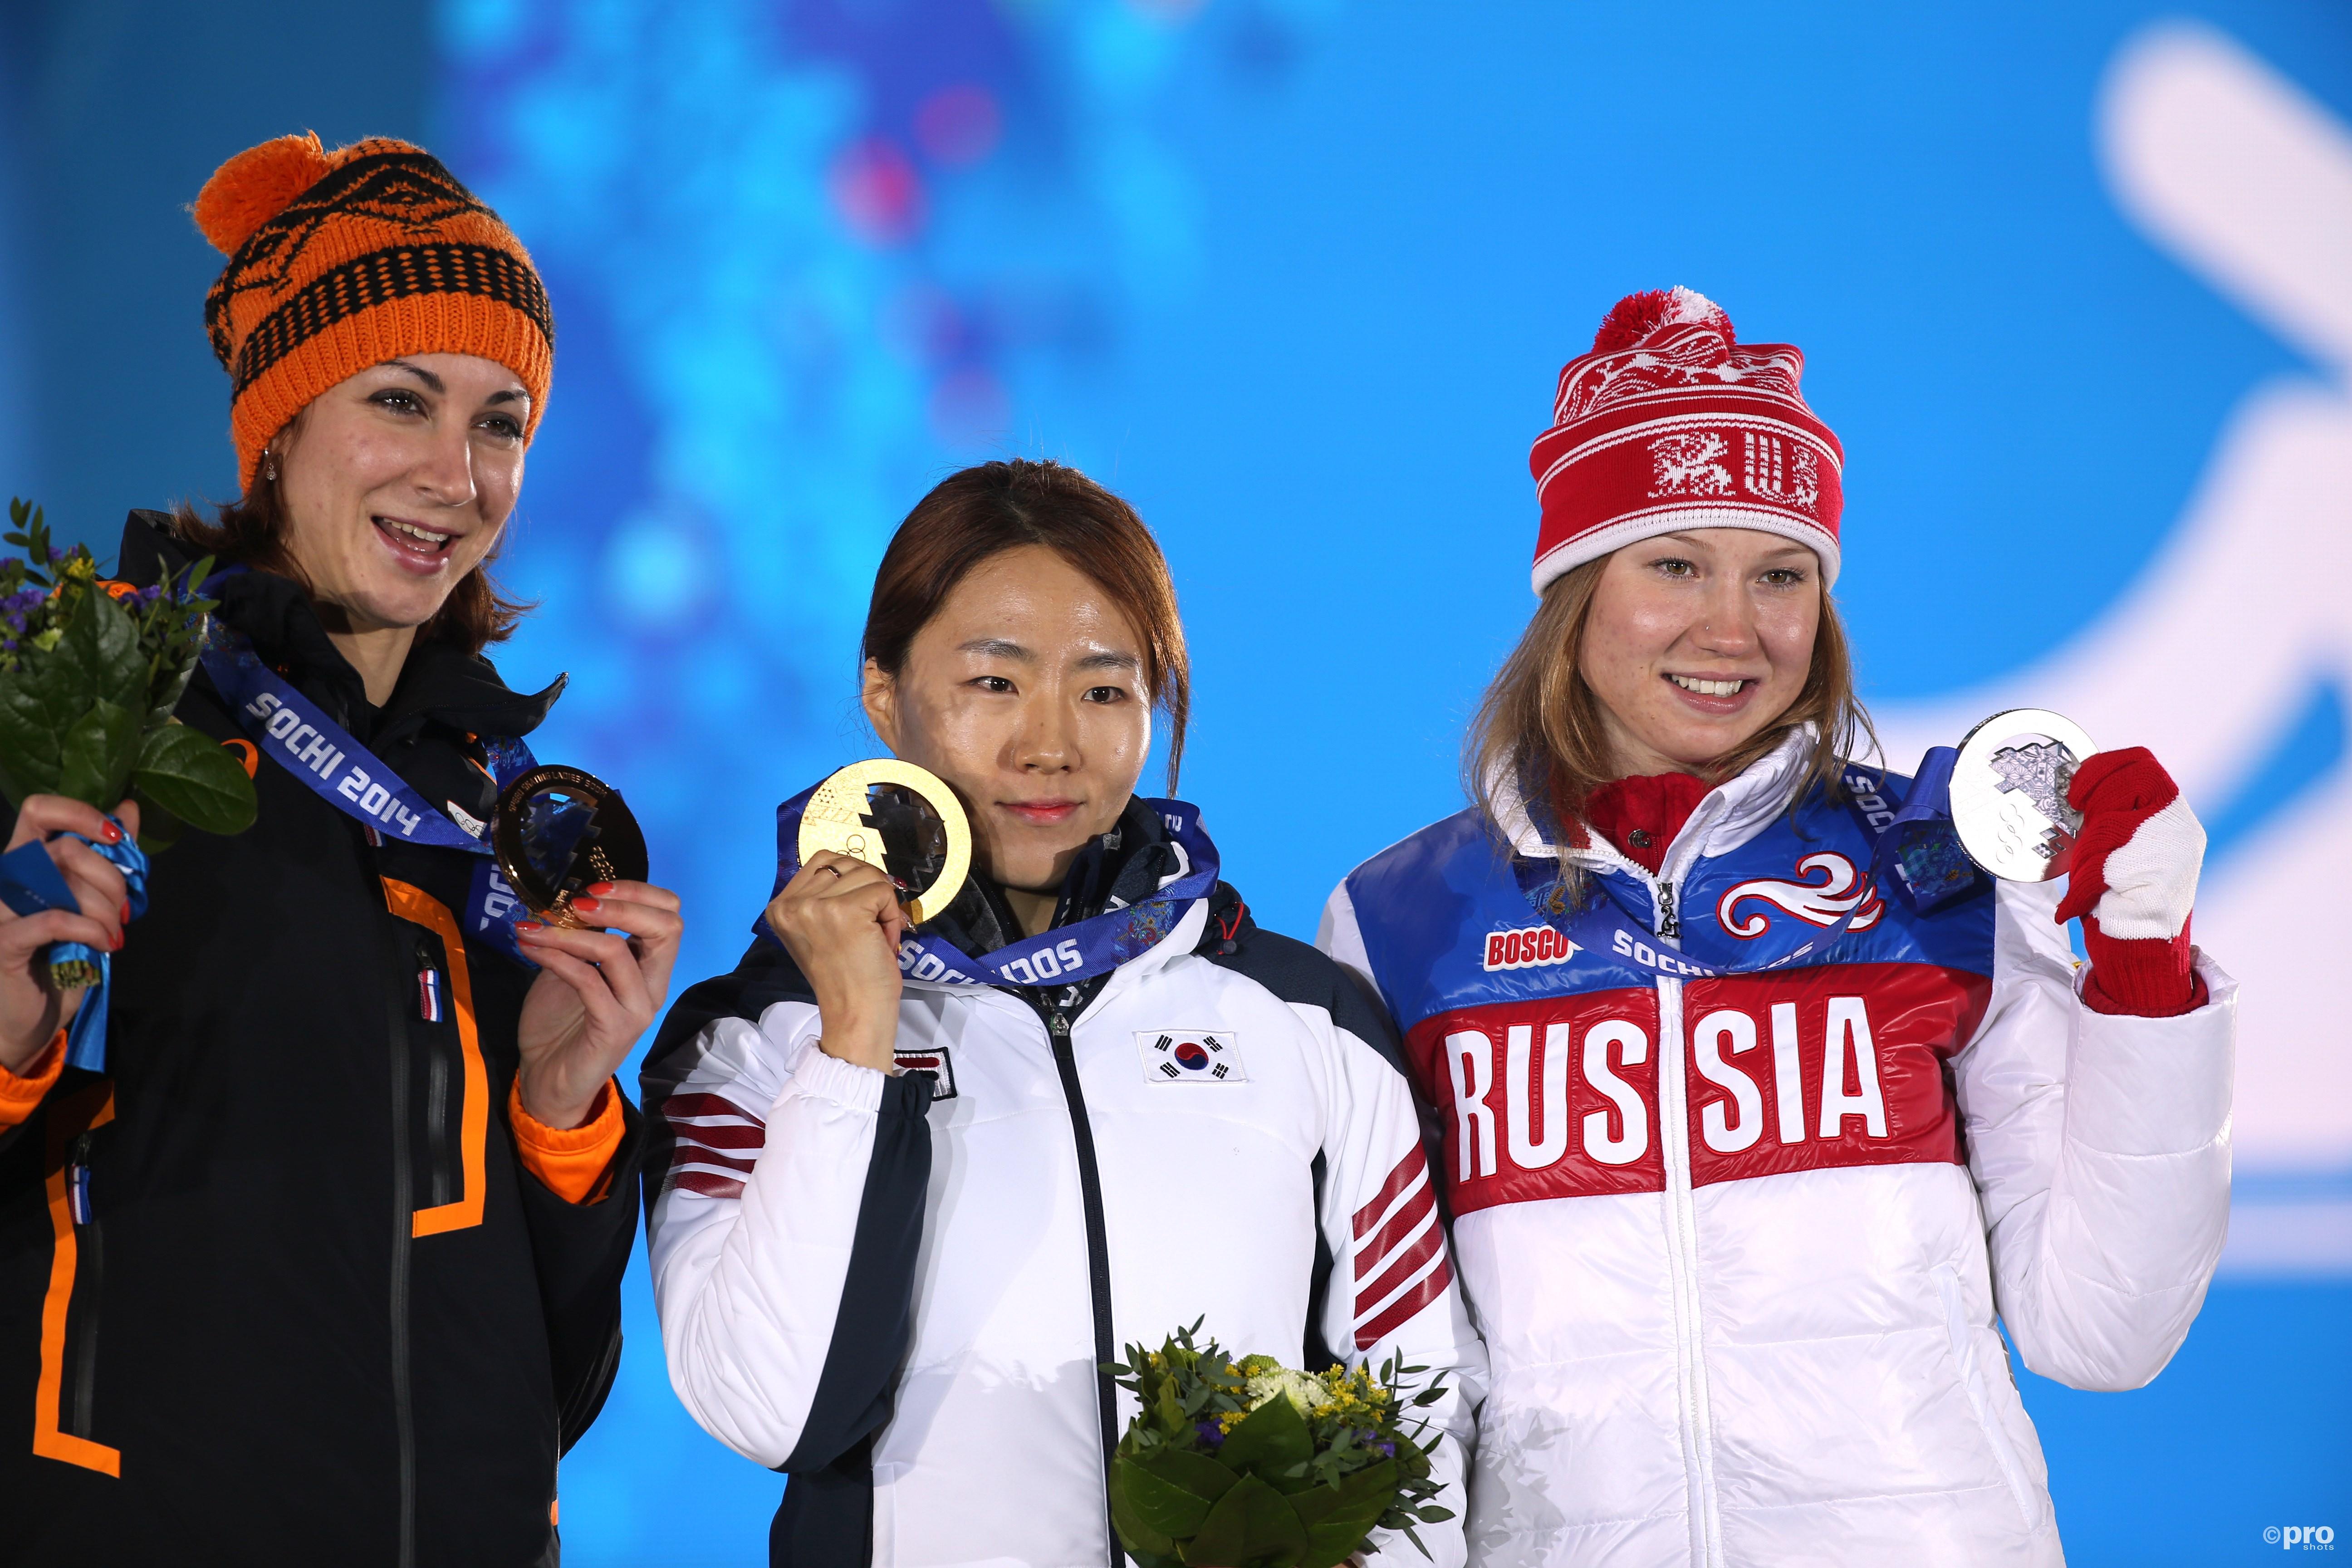 Het podium in Sochi. Fatkulina wordt geschrapt, Boer krijgt zilver. (PRO SHOTS/Geoa)